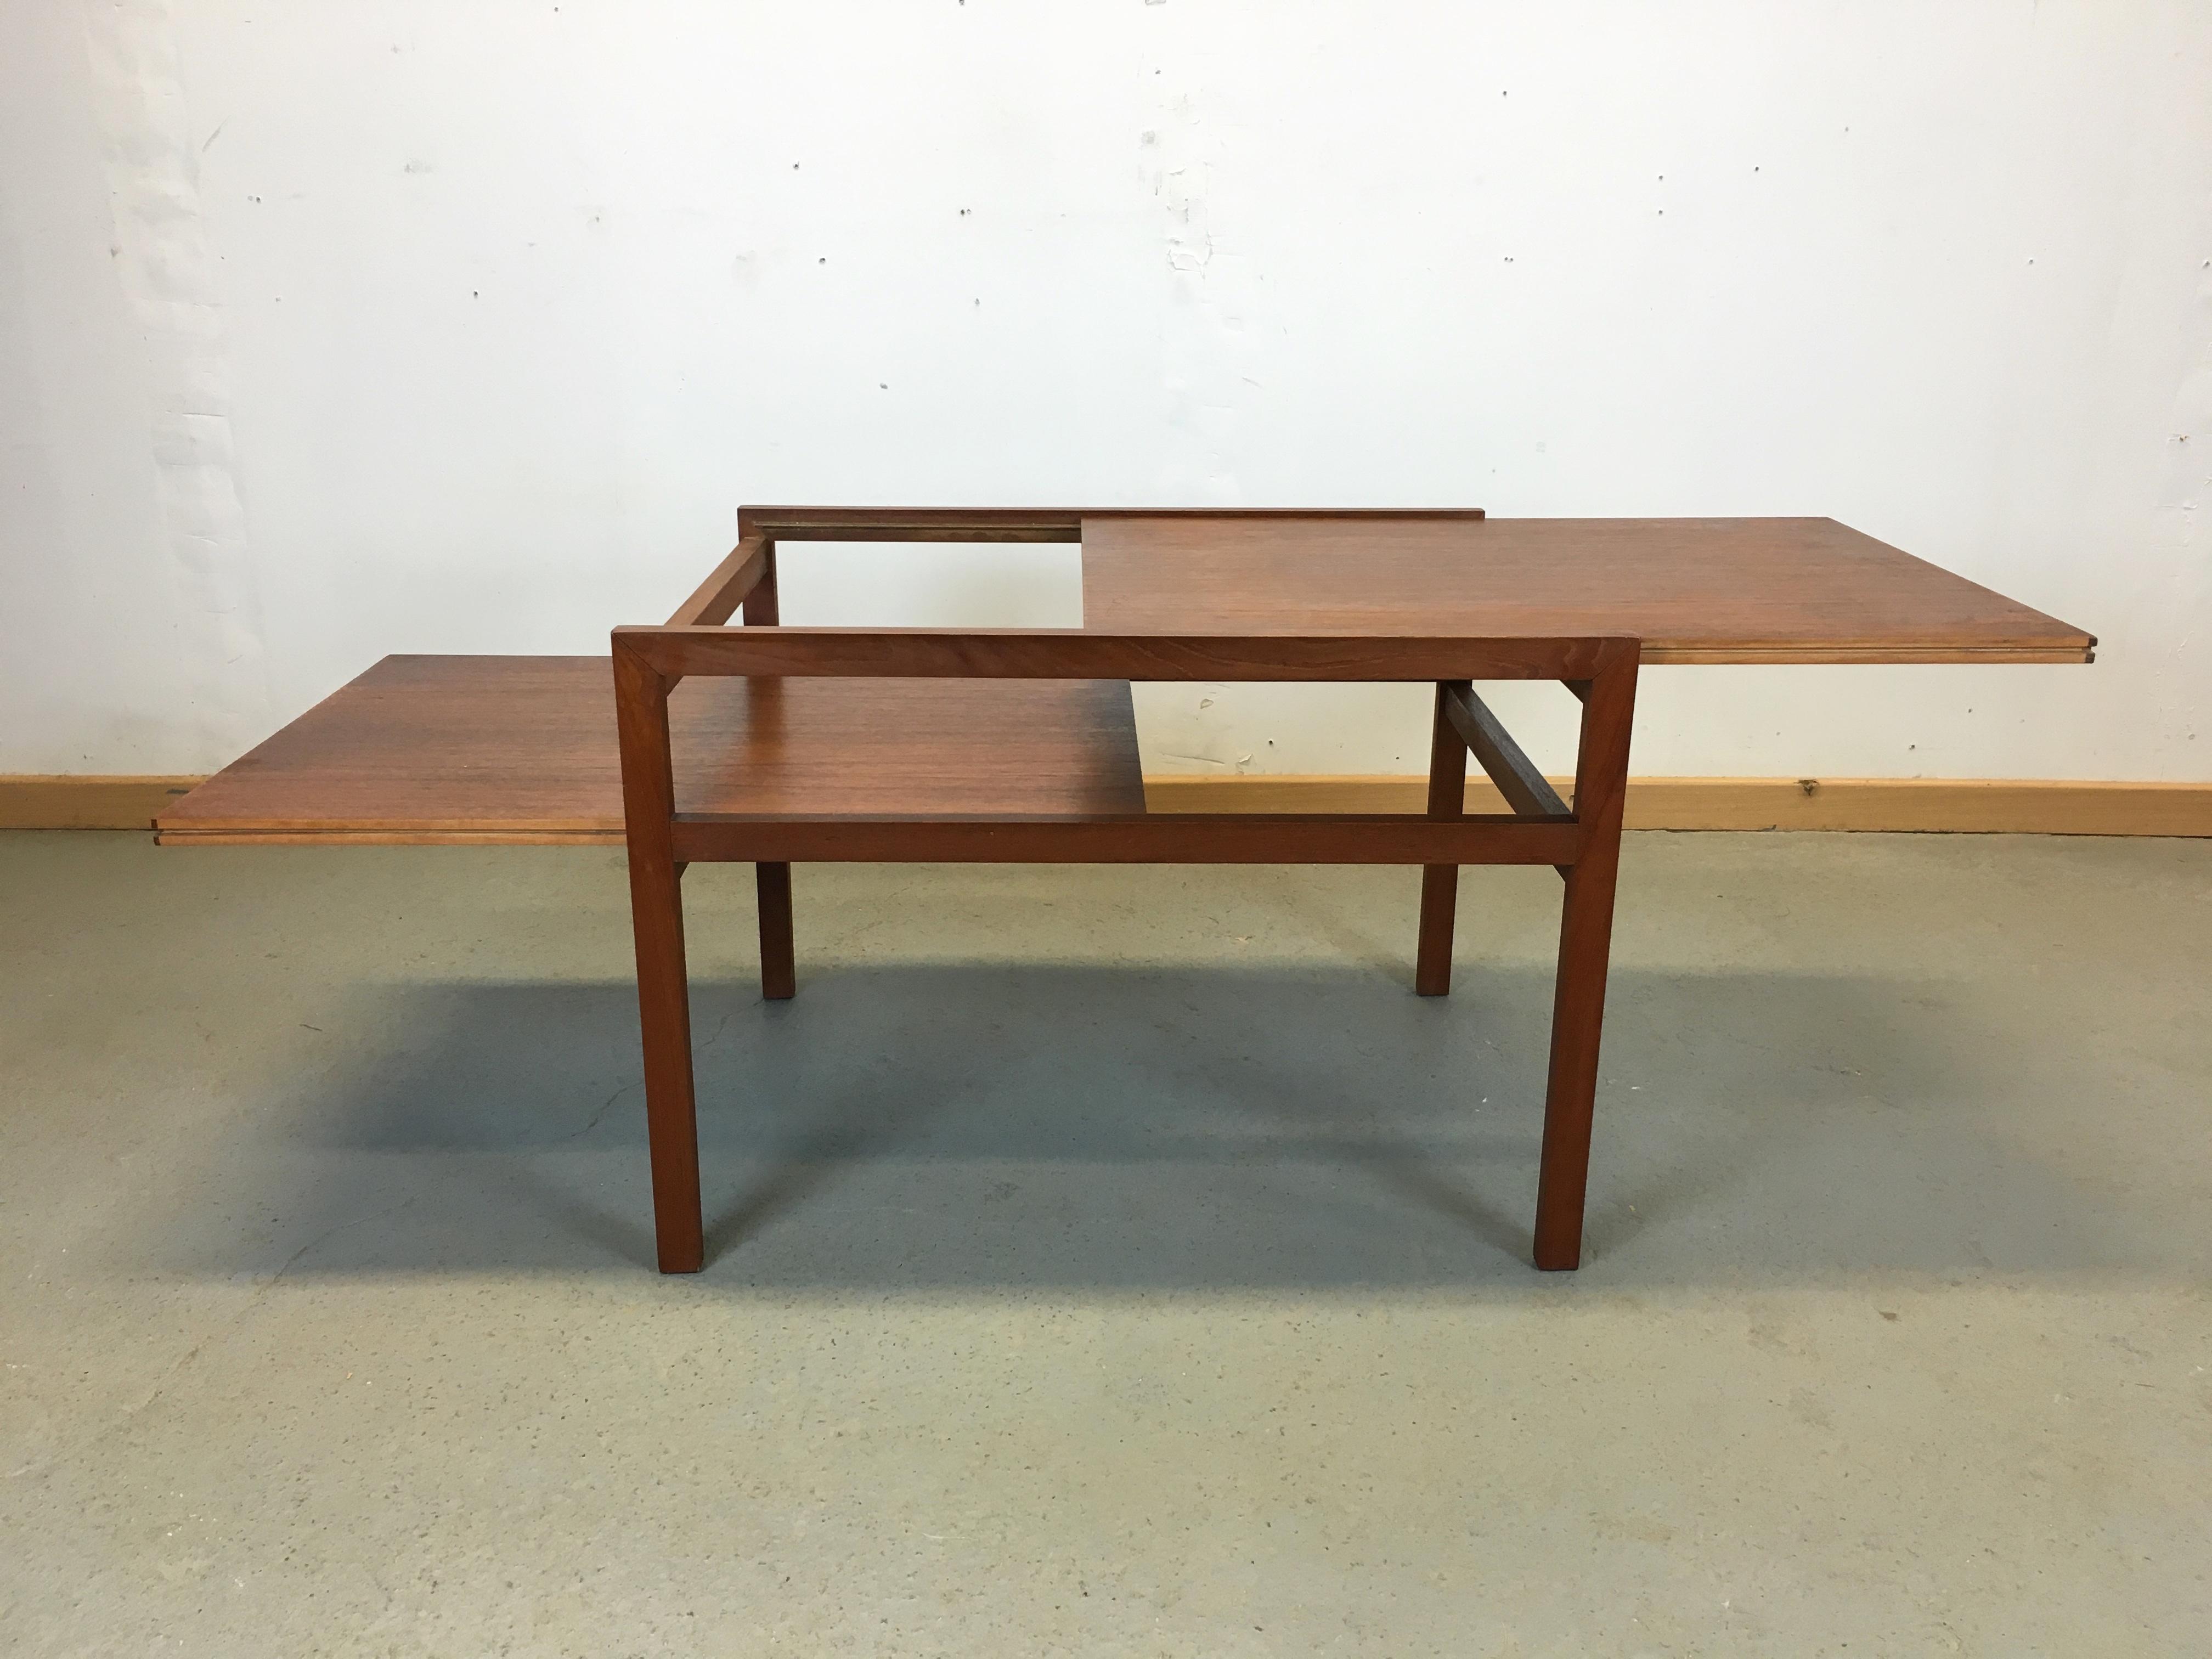 img_1630 Incroyable De Table Basse Ajustable Schème